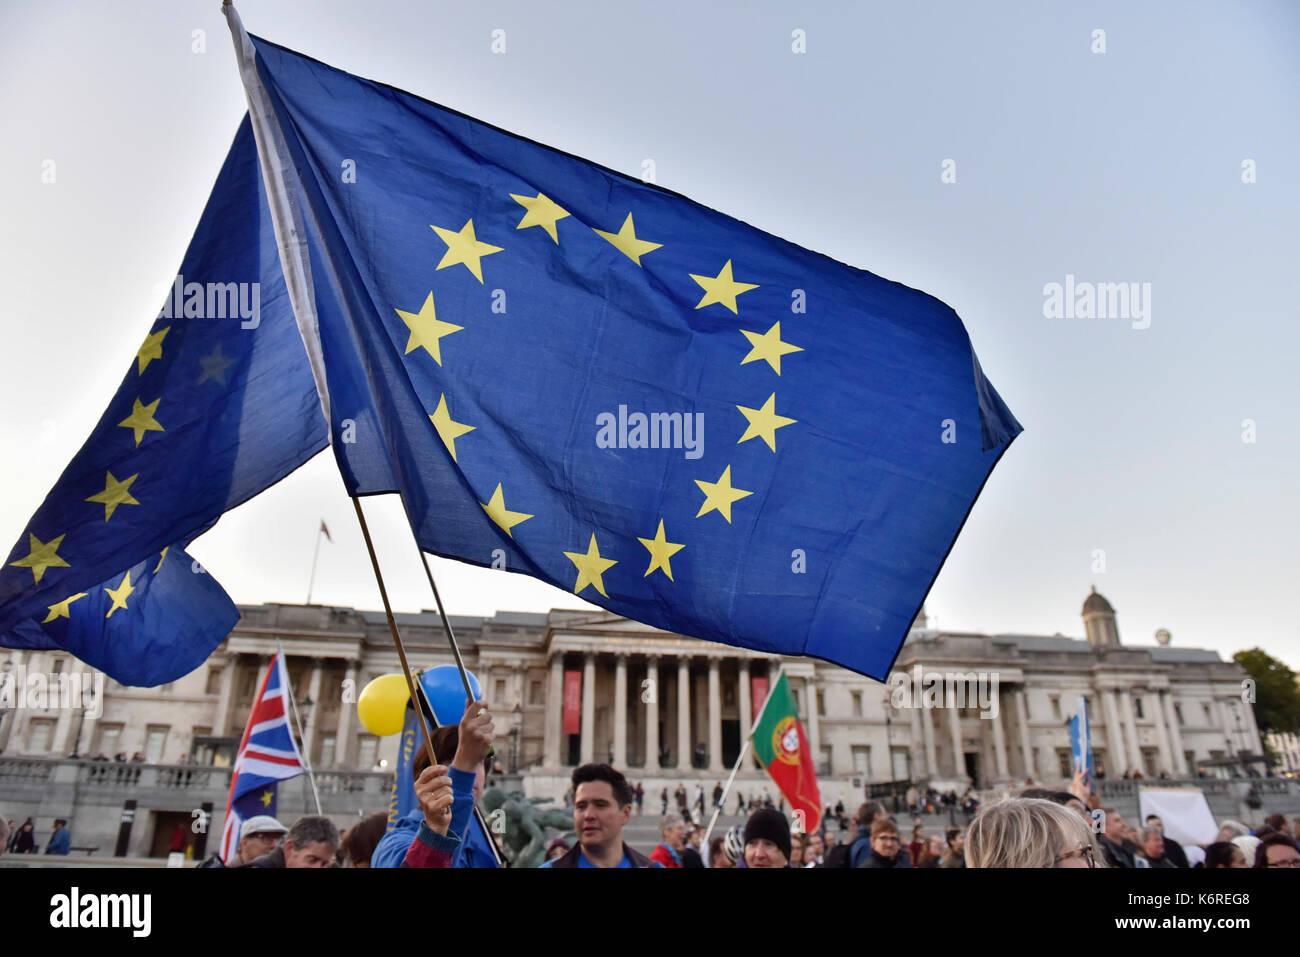 Londra, Regno Unito. Xiii Sep, 2017. Le persone si radunano per assistere ad un rally a Trafalgar Square a Londra, in Gran Bretagna il sept. 13, 2017. È stato un rally qui tenuto mercoledì chiamando per mantenere i diritti dei cittadini UE in Gran Bretagna e i cittadini britannici nella UE dopo brexit. Credito: Stephen Chung/xinhua/alamy live news Foto Stock